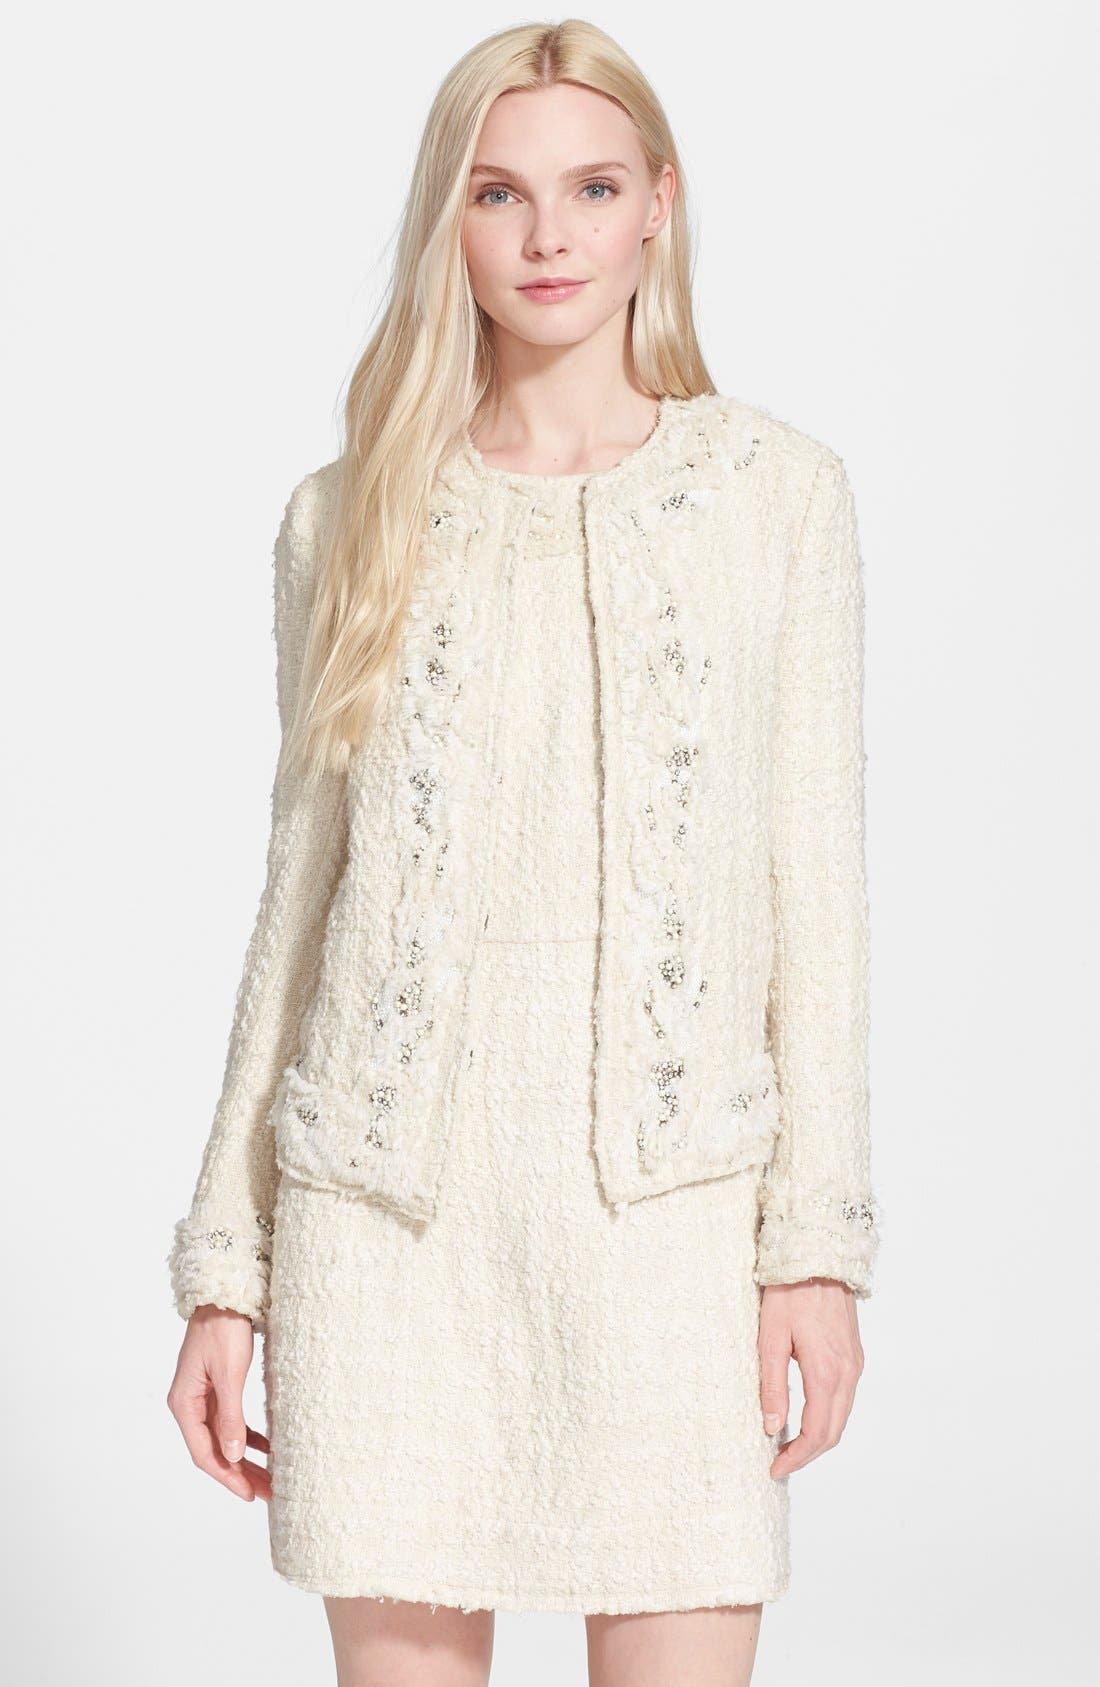 Alternate Image 1 Selected - Alice + Olivia 'Nila' Embellished Tweed Jacket